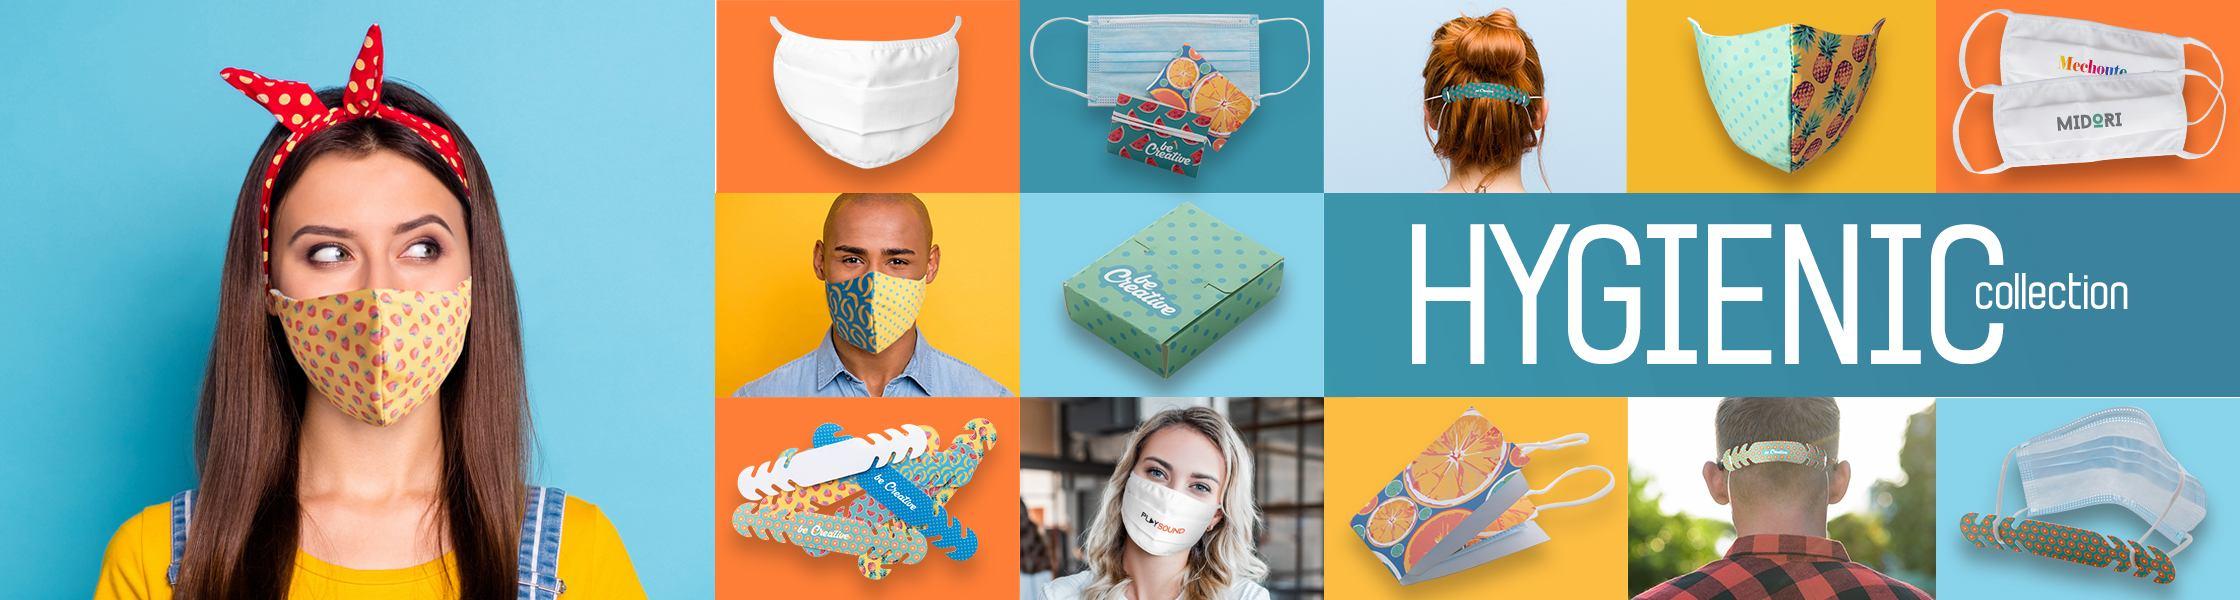 Alapvető termékek, amelyek segítenek egészséged védelmében